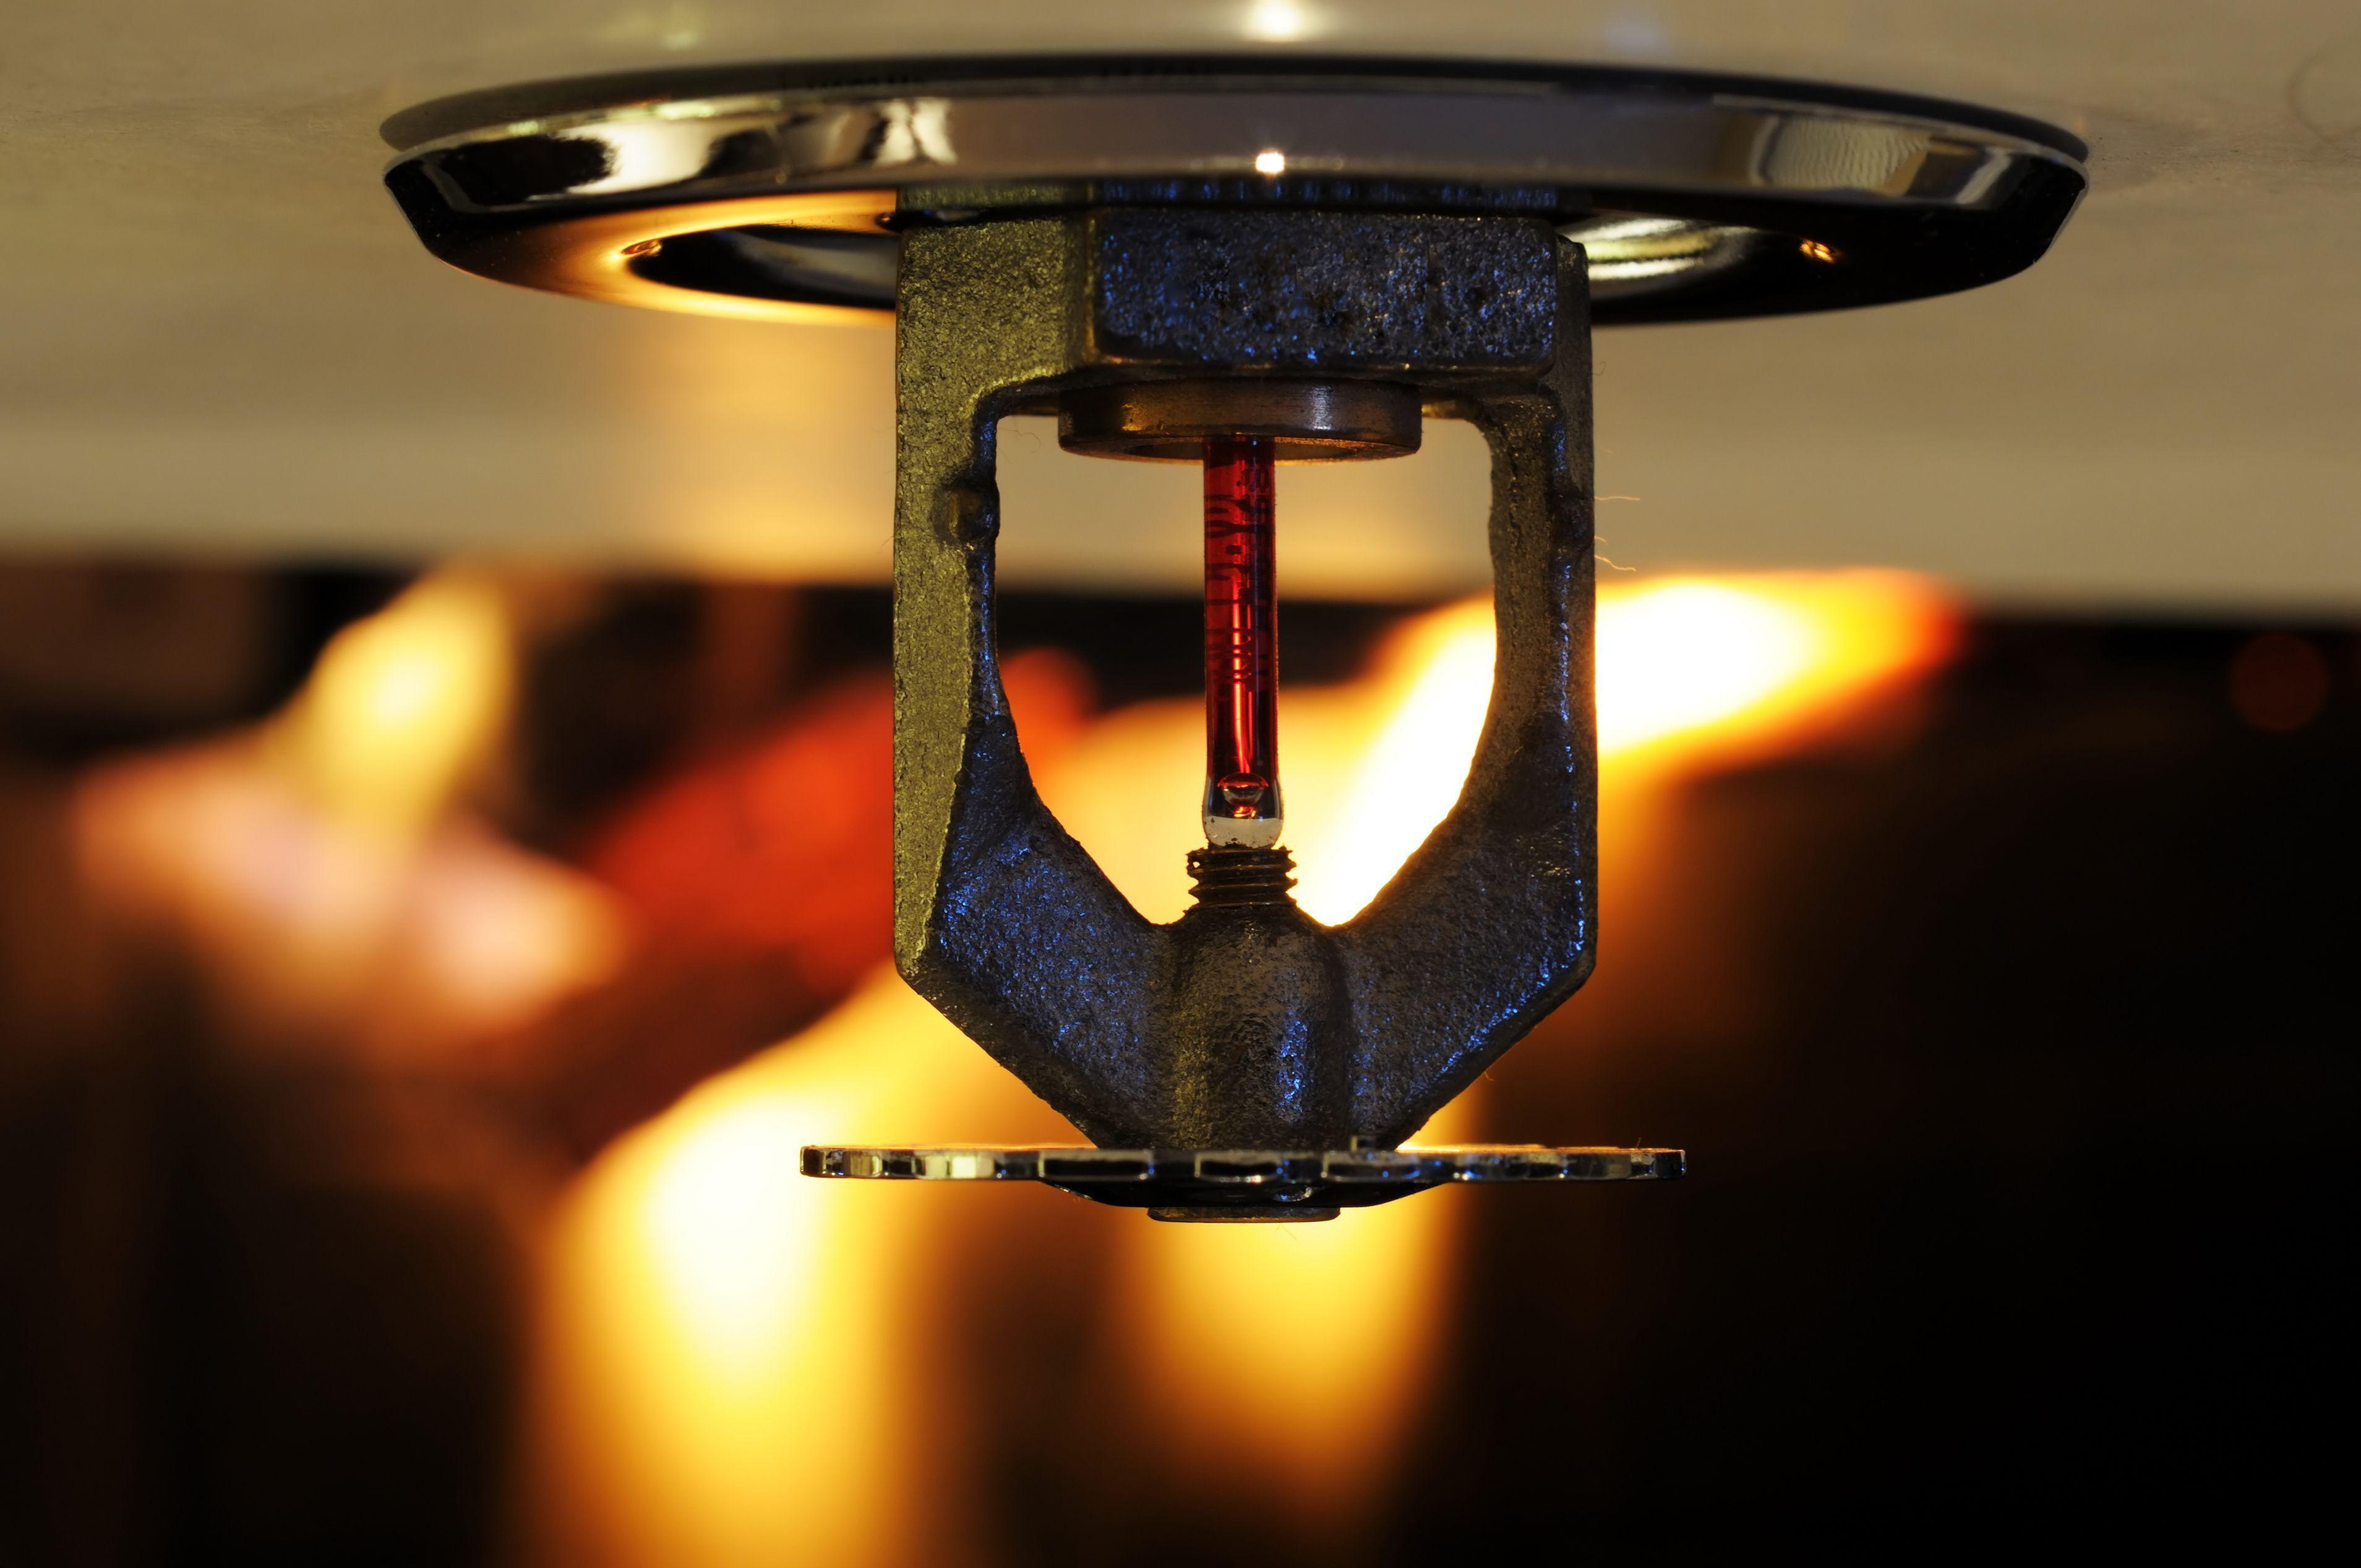 fire_sprinkler_safety